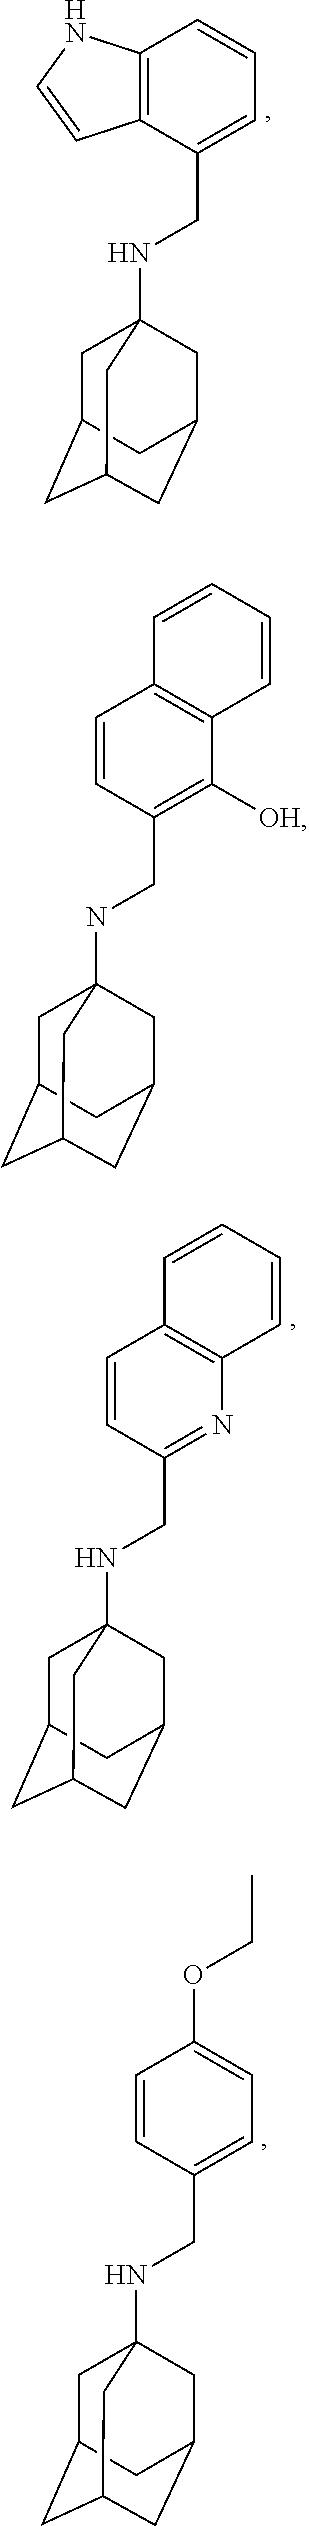 Figure US09884832-20180206-C00127